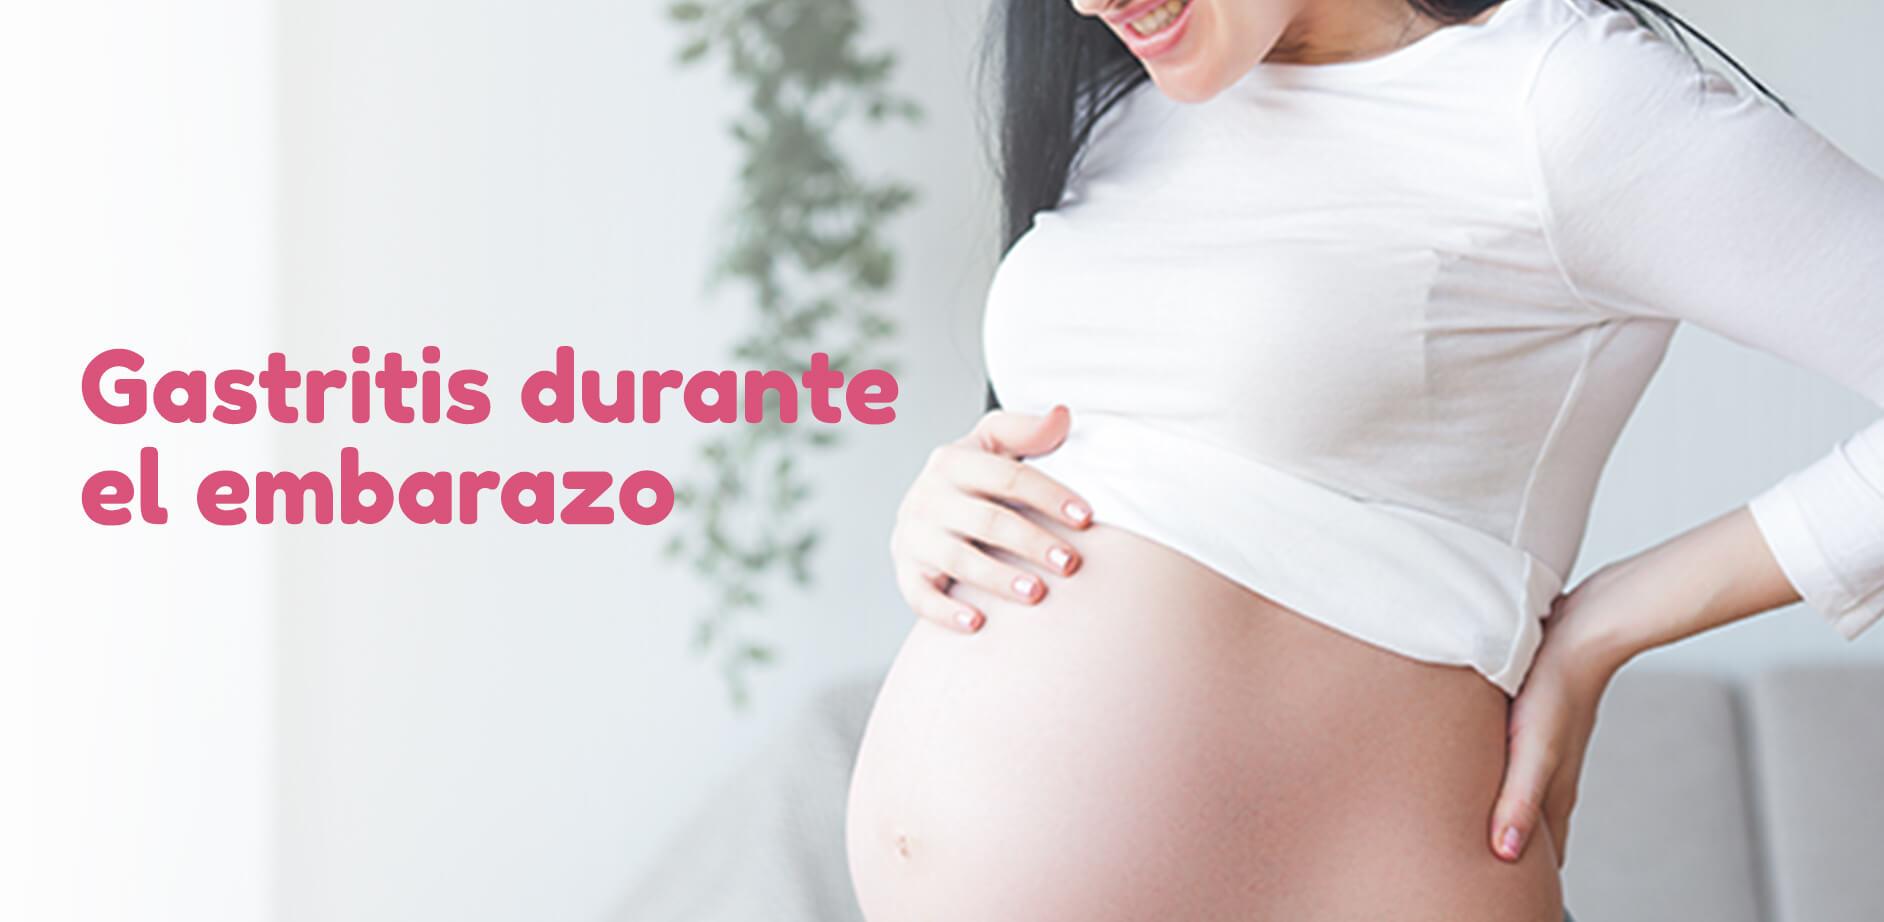 Gastritis durante el embarazo